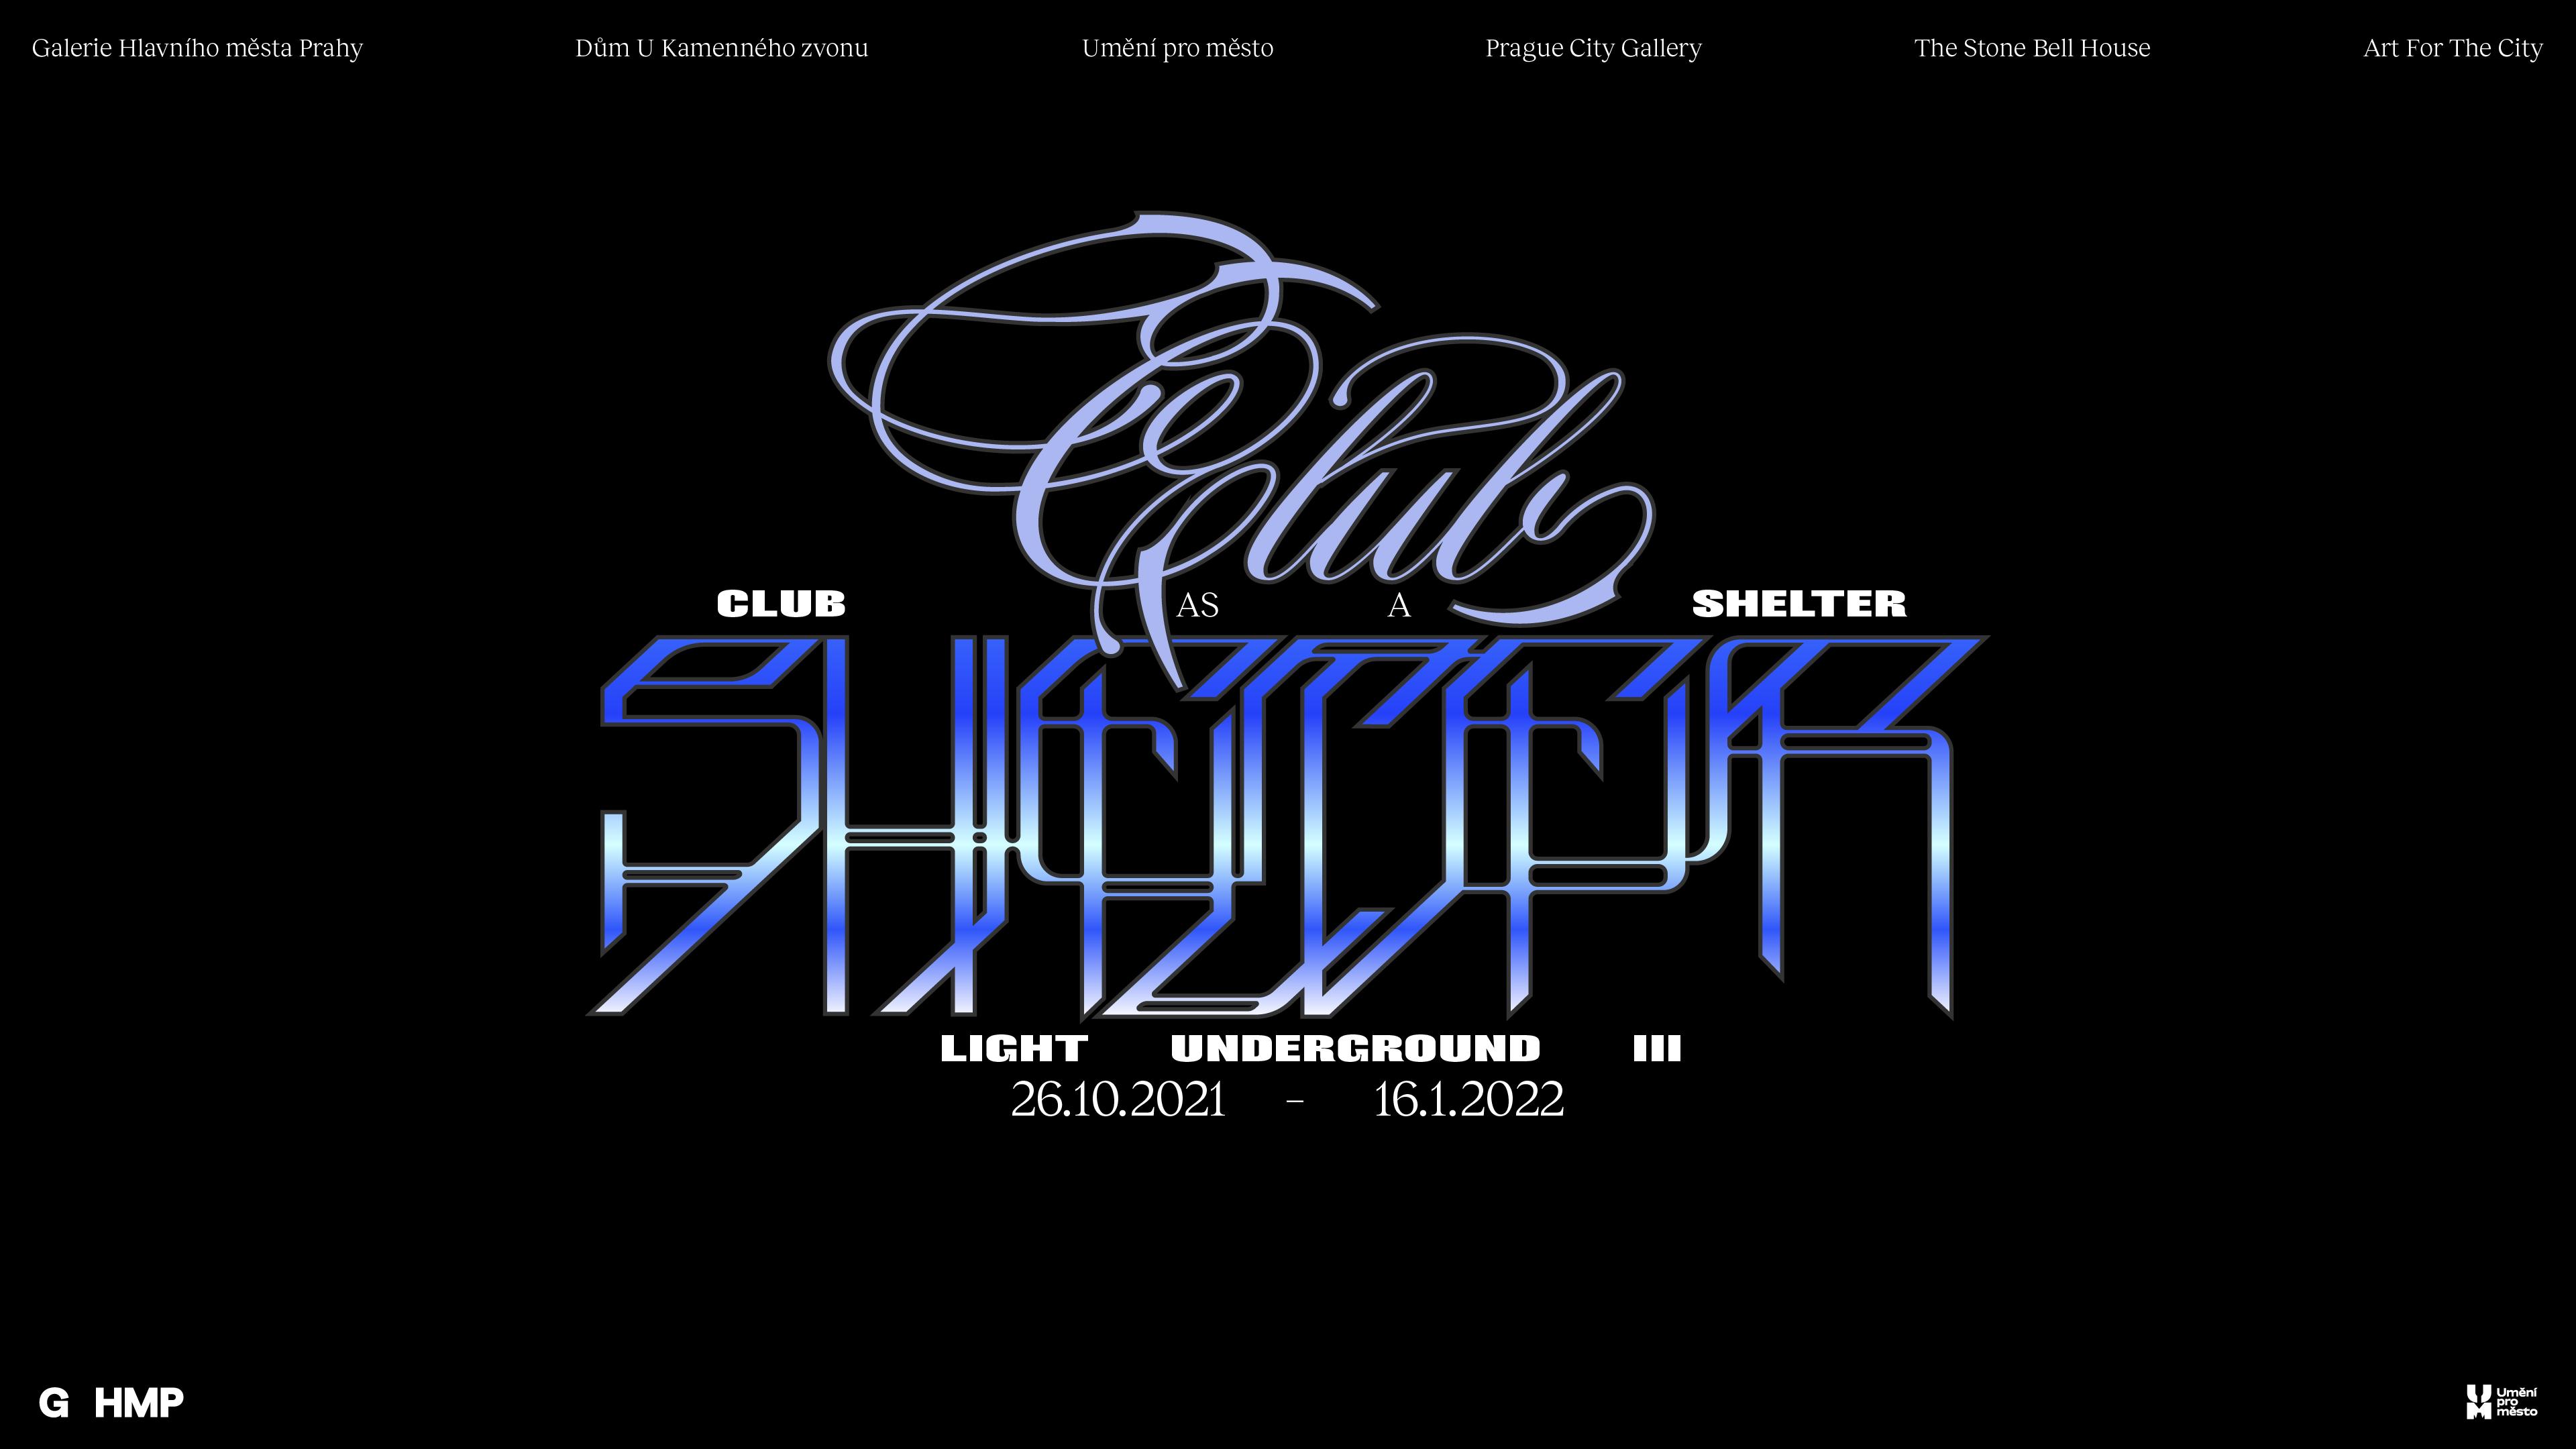 Club_FB_1920x1080